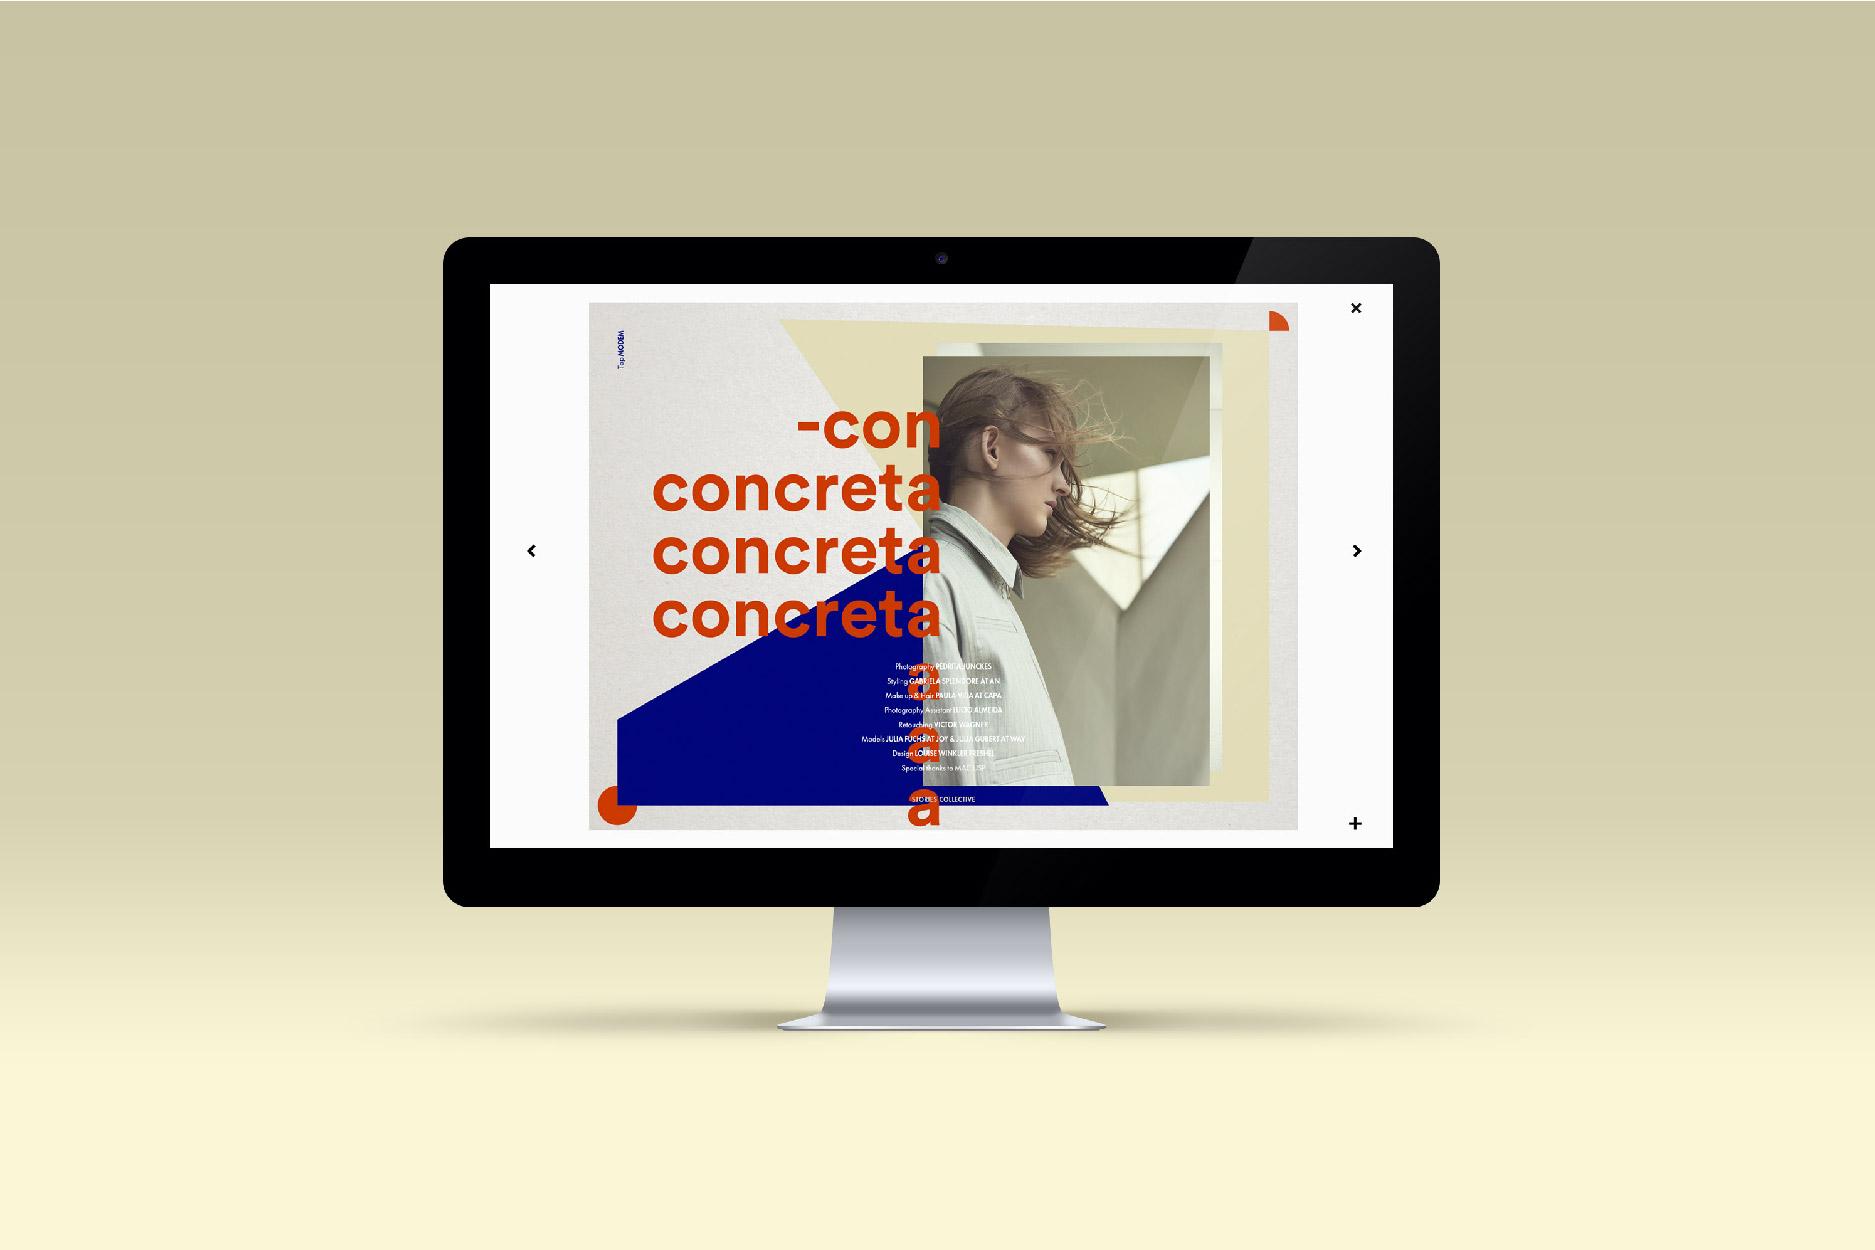 concreta portifolio-01.jpg